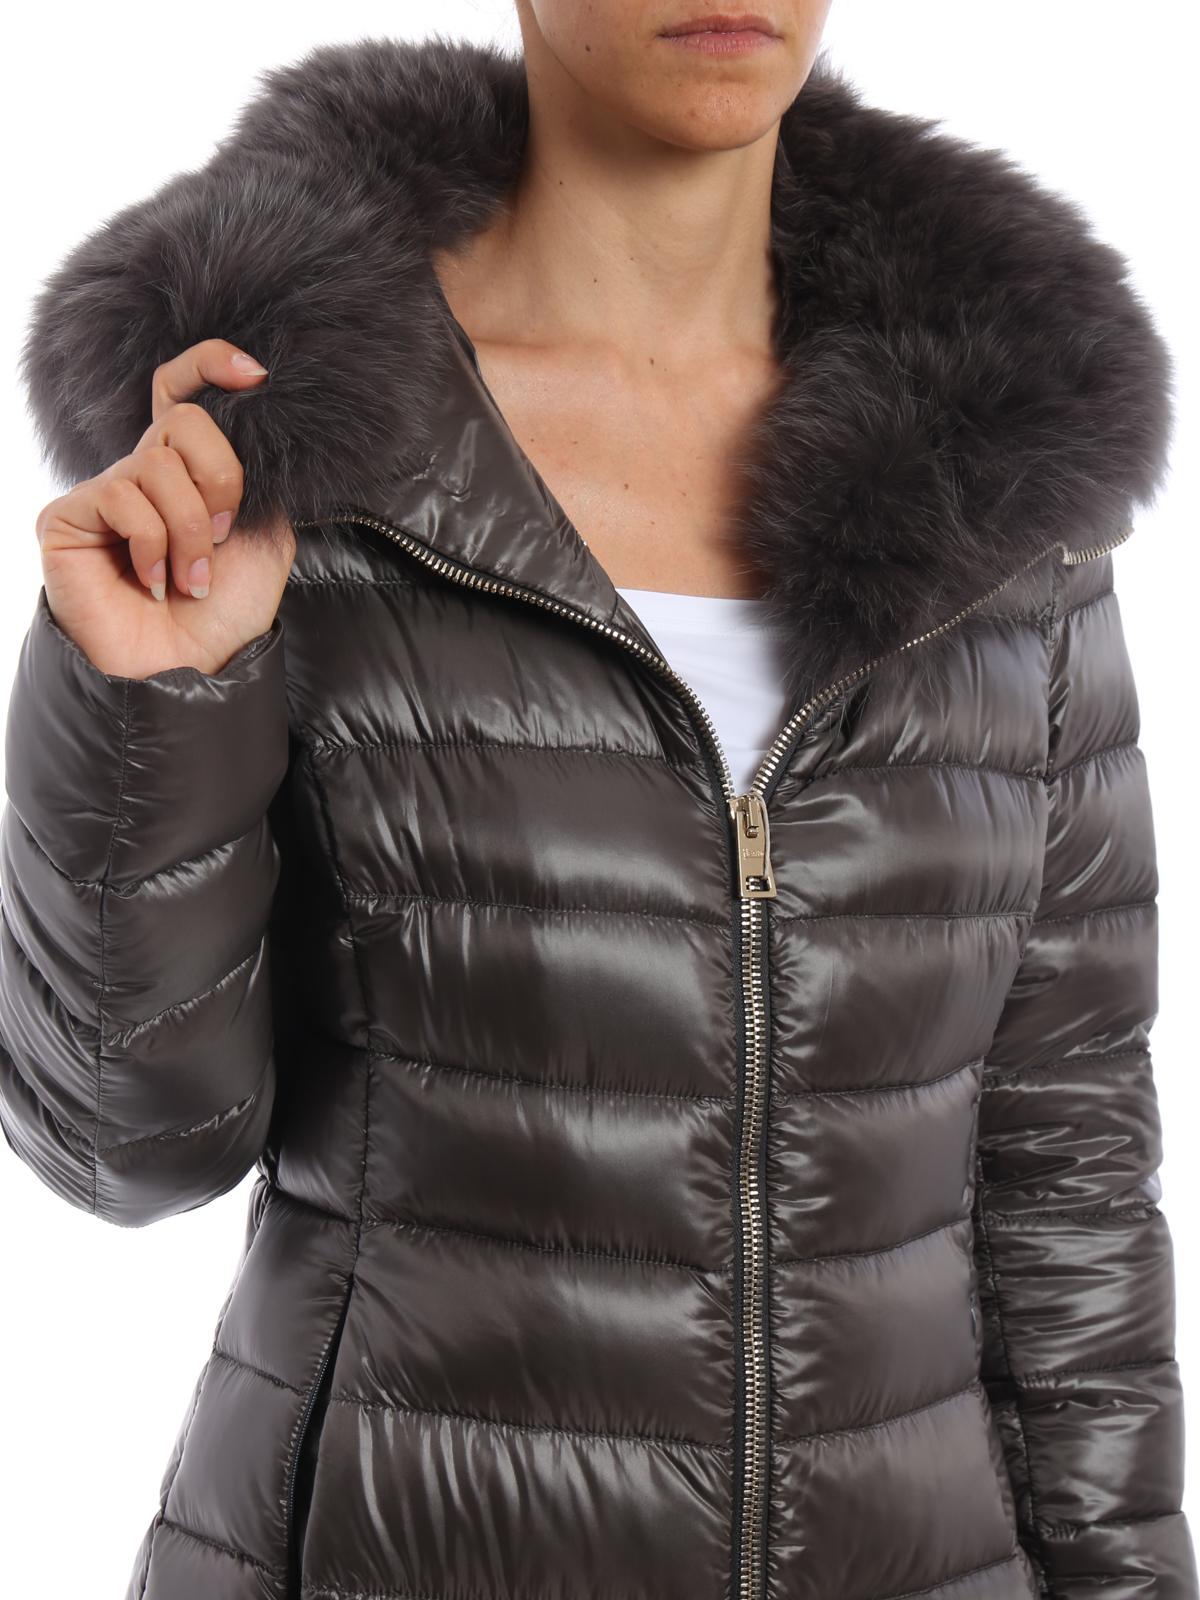 33233b6a25a4 Herno - Piumino con collo di pelliccia - cappotti imbottiti ...